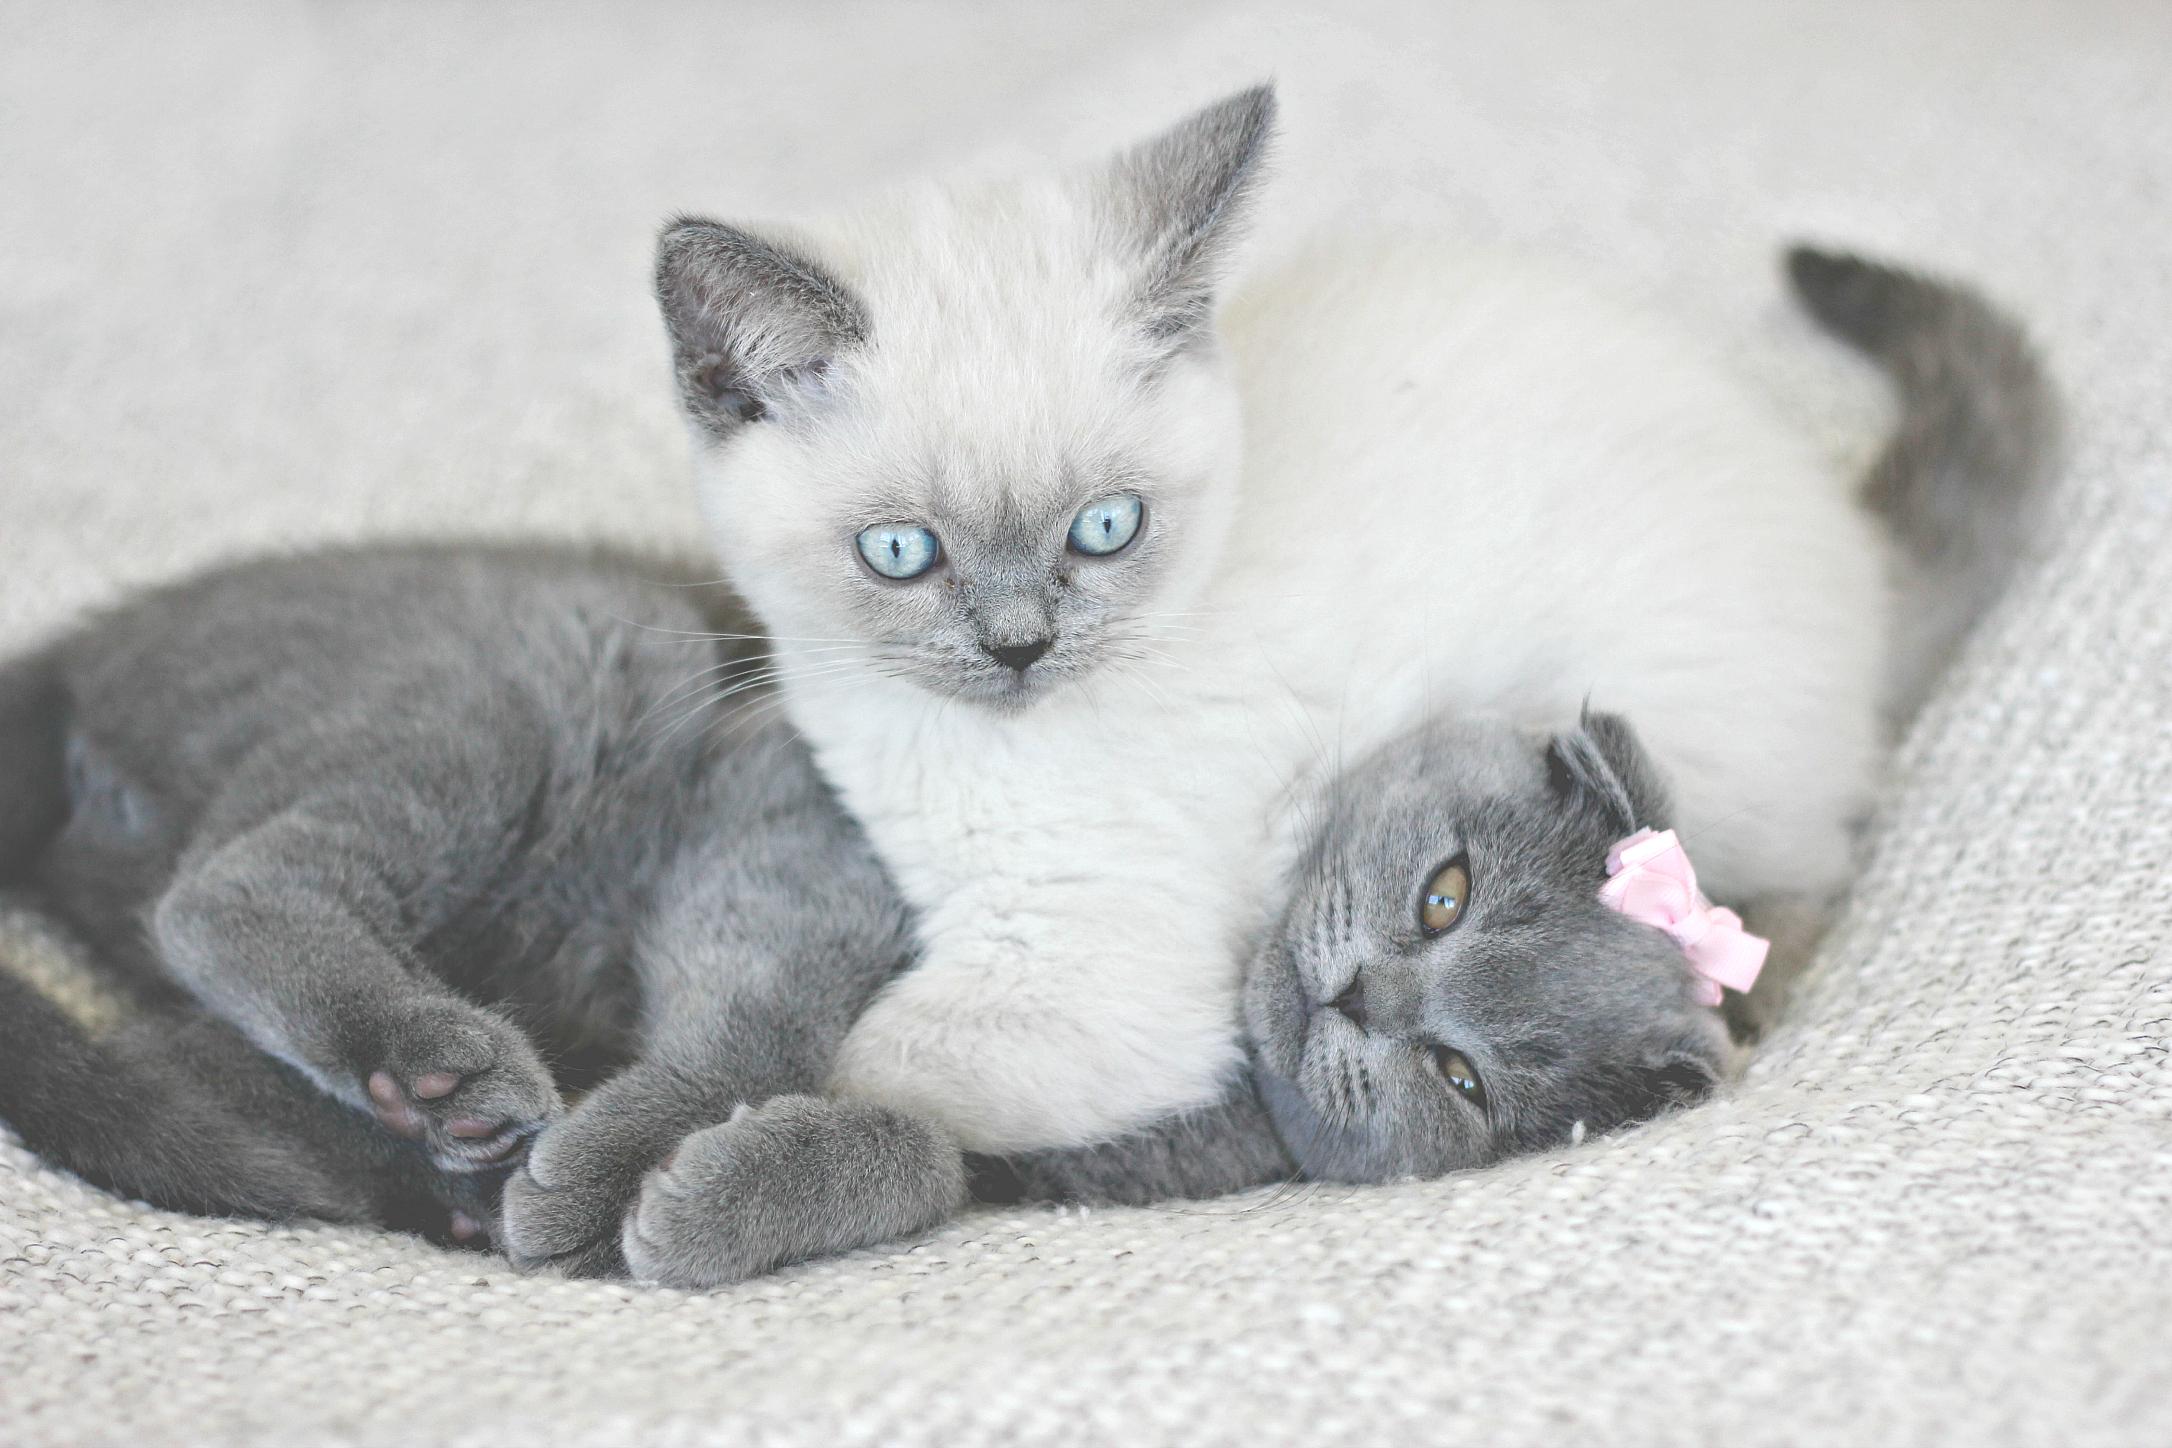 The kittens1